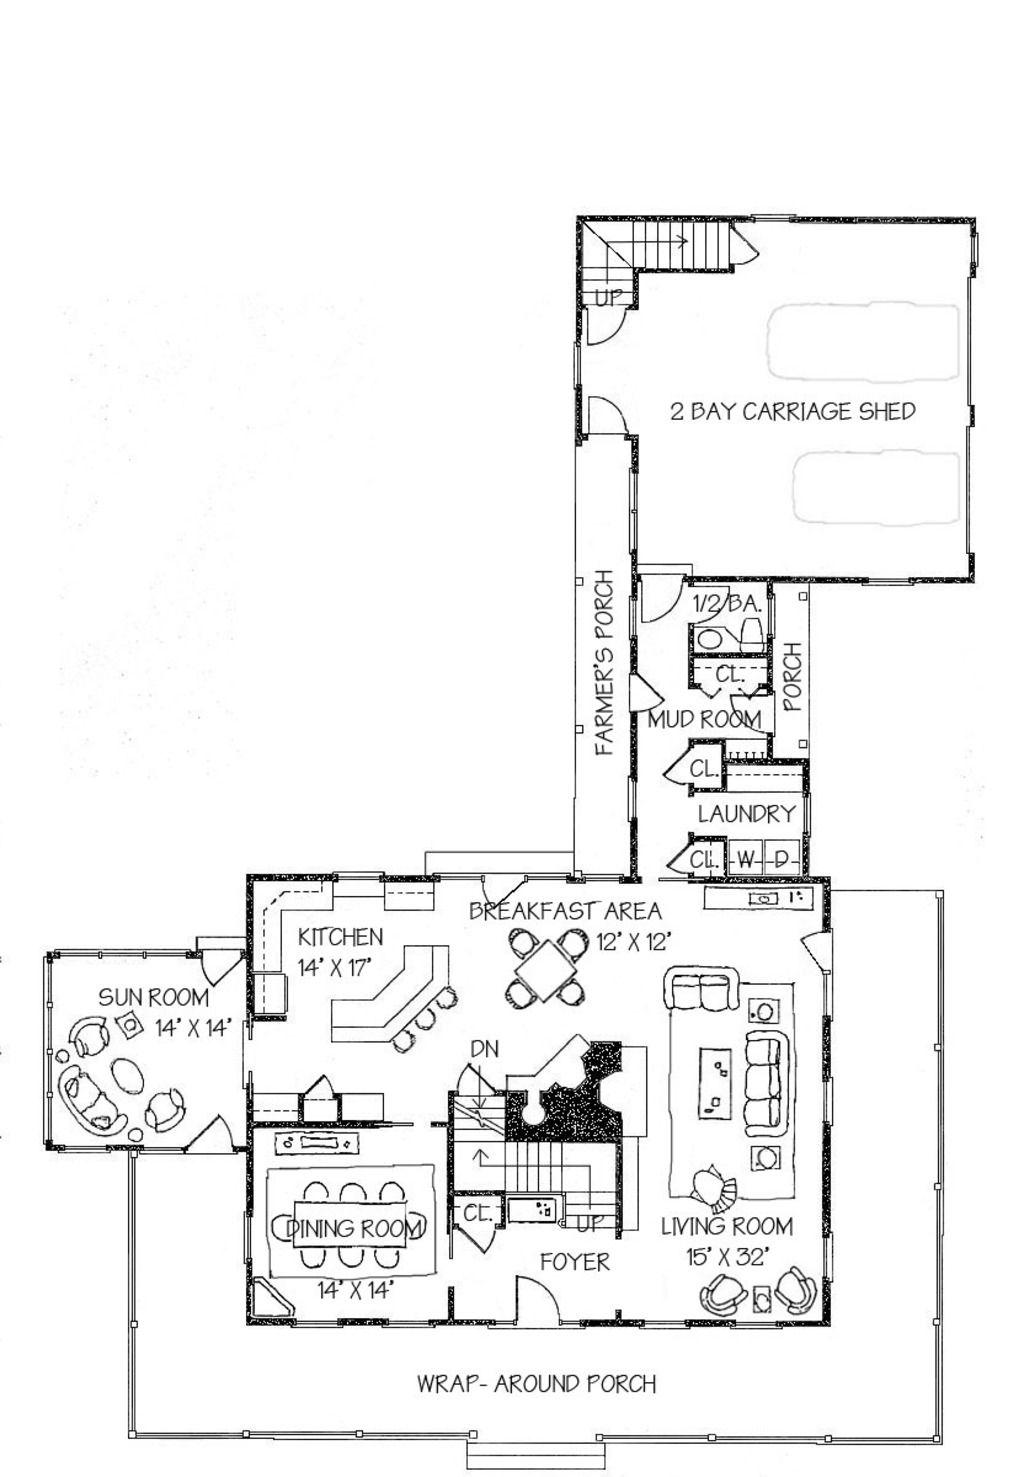 Farmhouse Style House Plan 4 Beds 3 5 Baths 3186 Sq Ft Plan 1058 73 Colonial House Plans Farmhouse Floor Plans New England Farmhouse